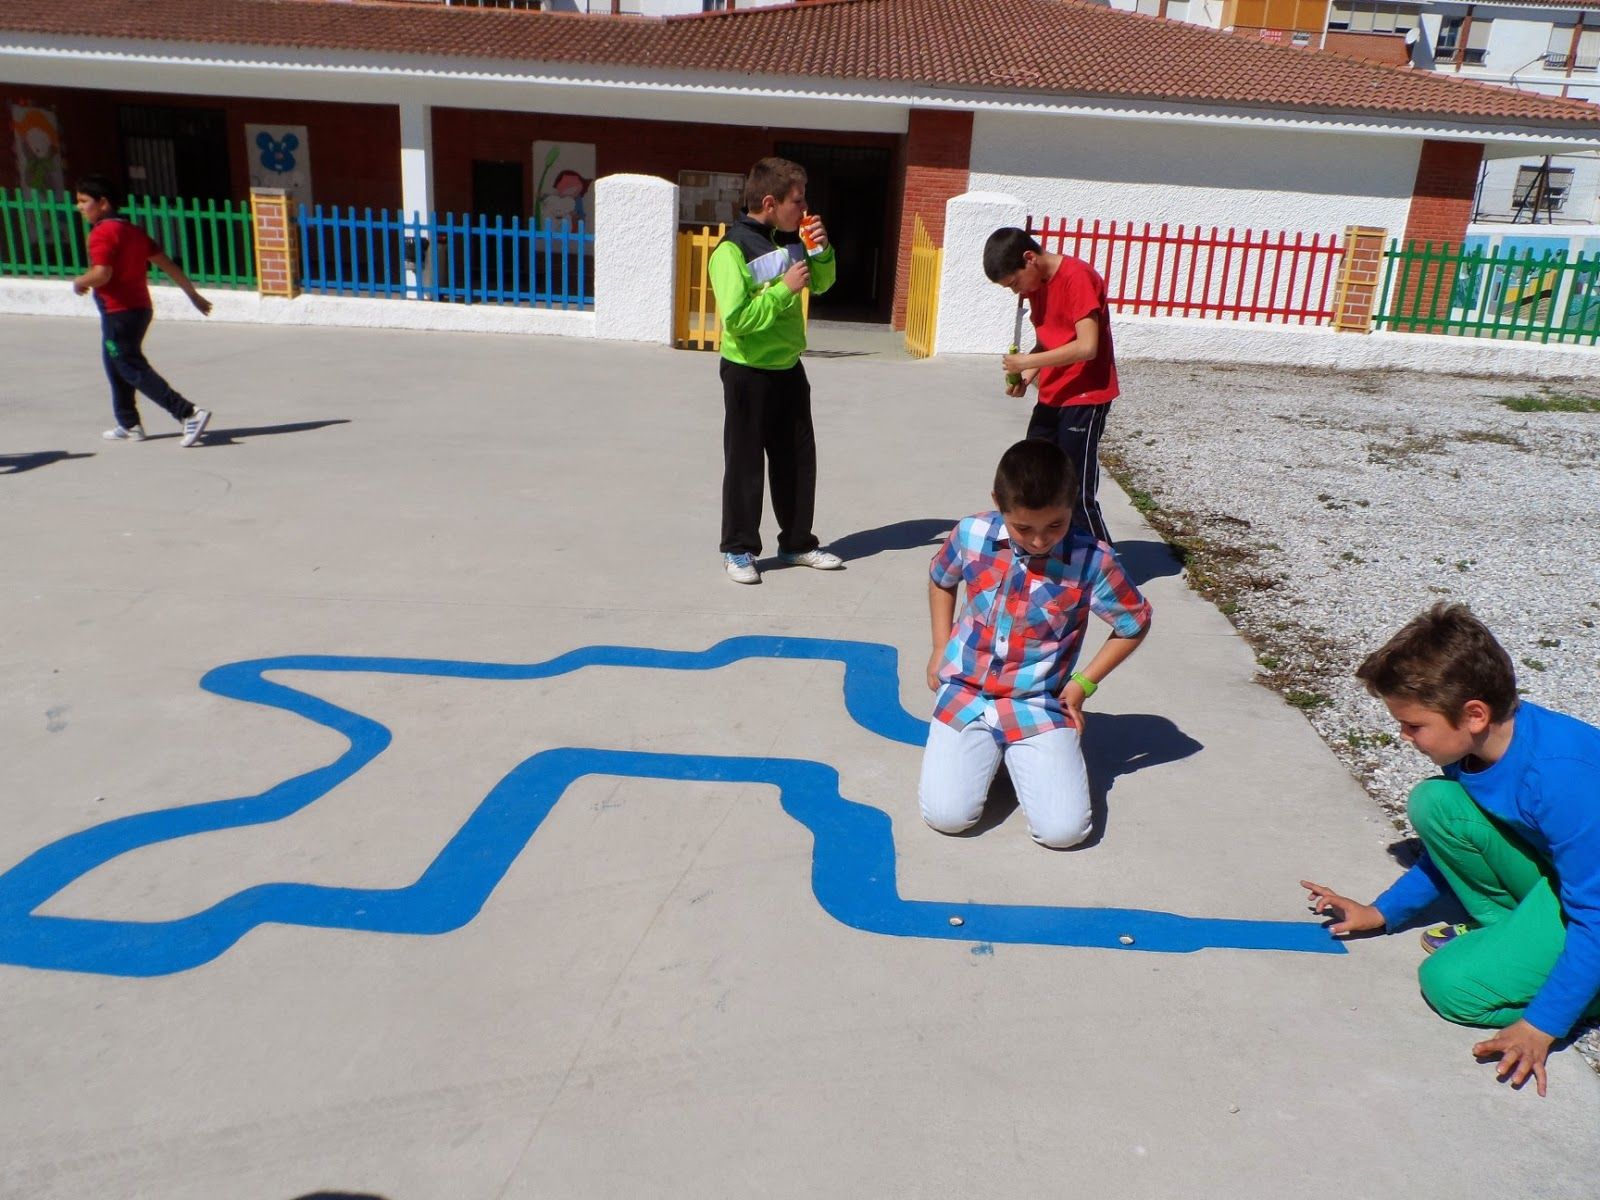 Circuito Juegos Para Niños : Hagamos las paces recreos